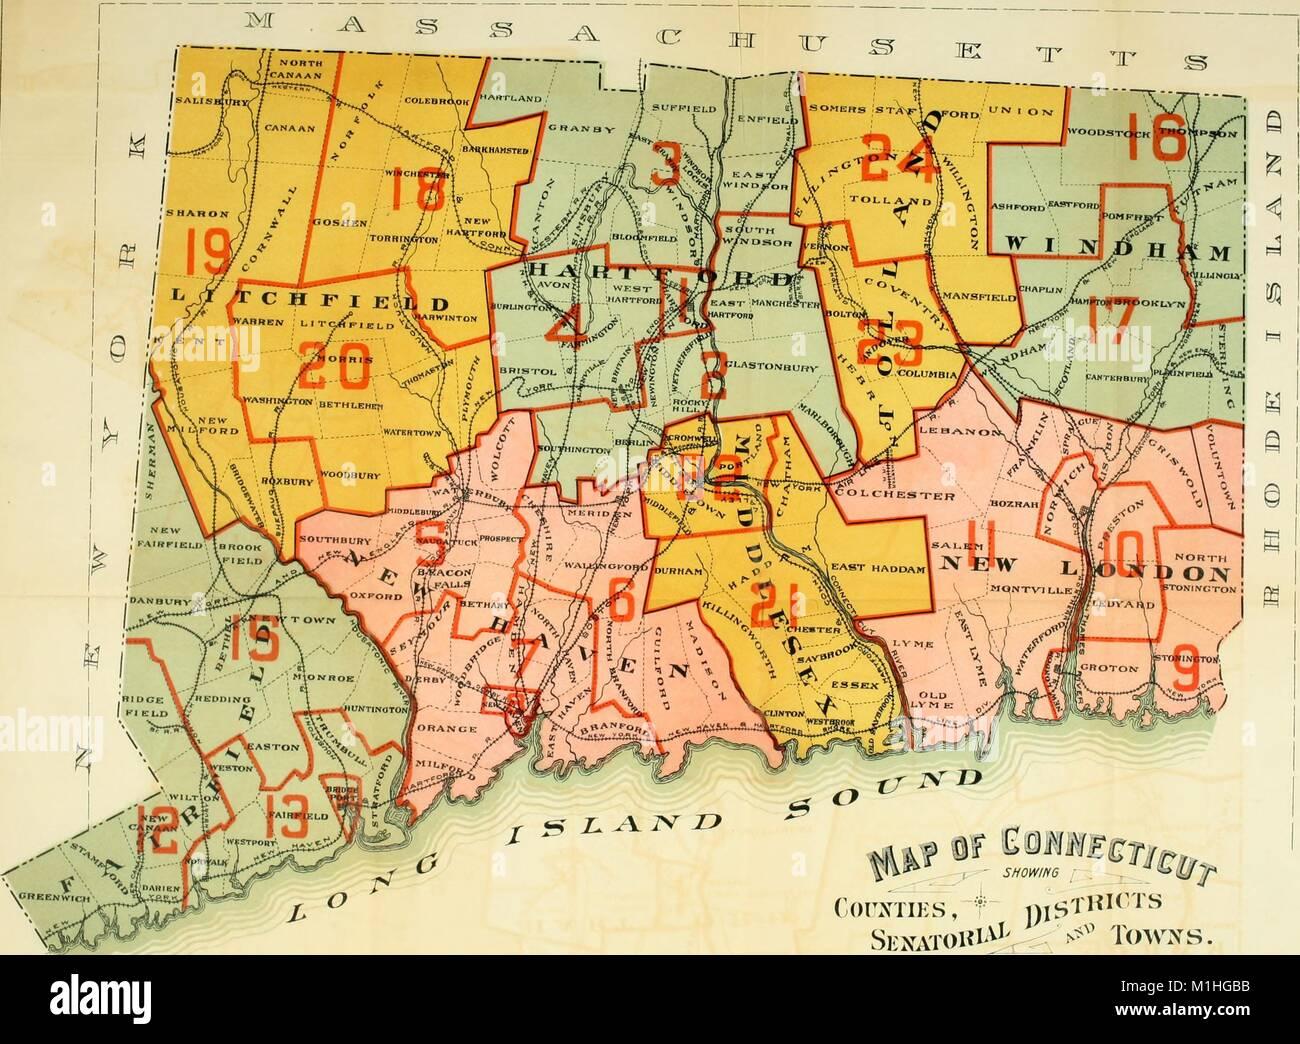 Mappa politico dello stato americano del connecticut con for Il tuo account e stato attaccato